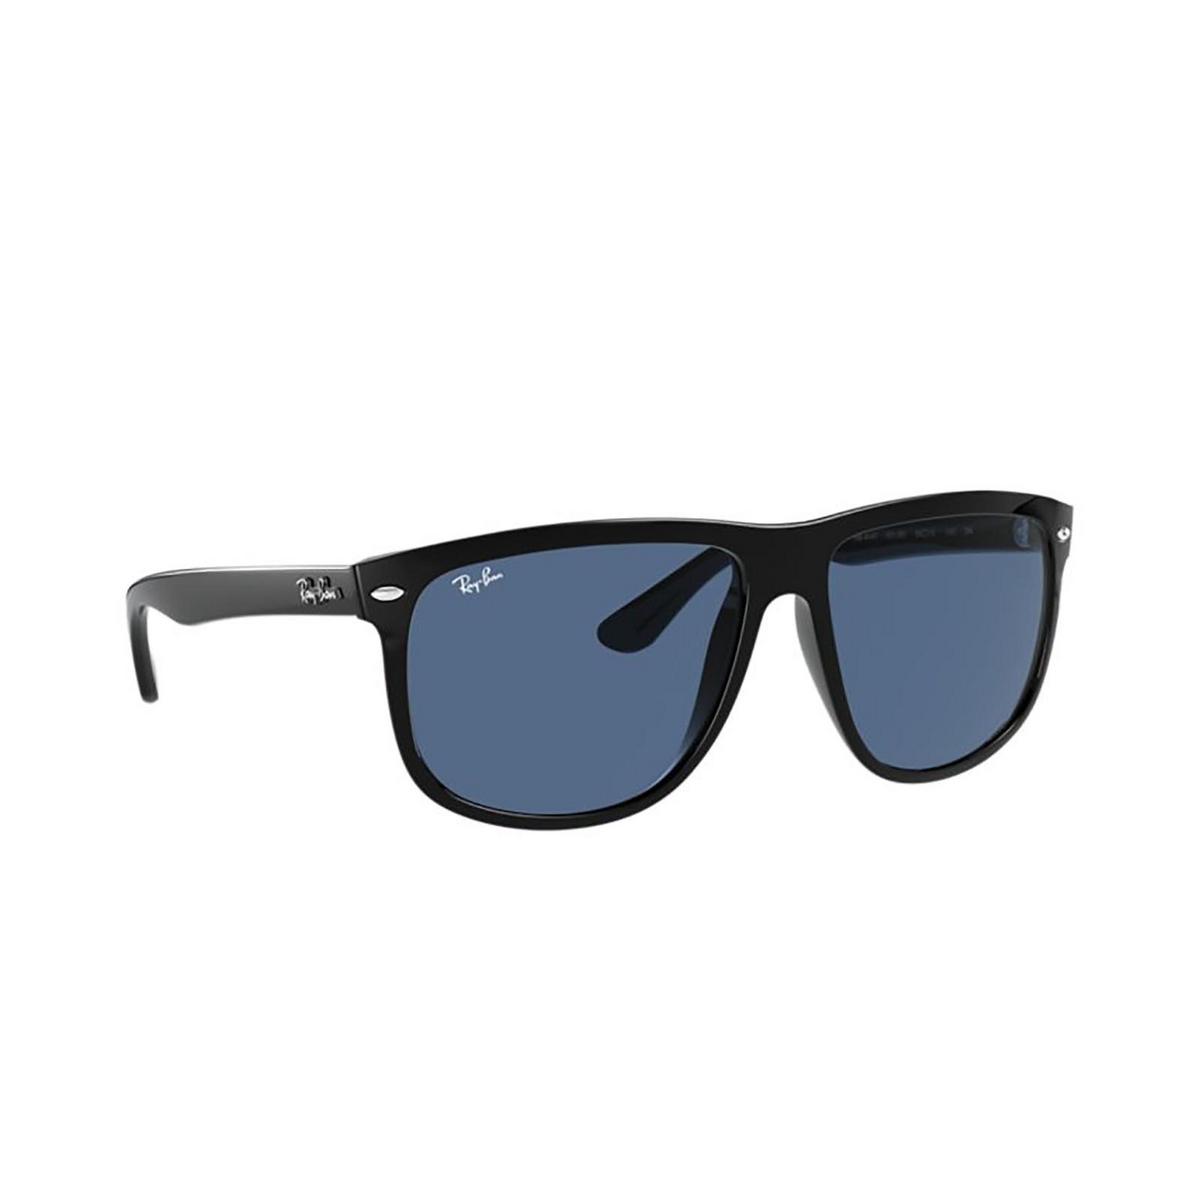 Ray-Ban® Square Sunglasses: Boyfriend RB4147 color Black 601/80 - 2/3.